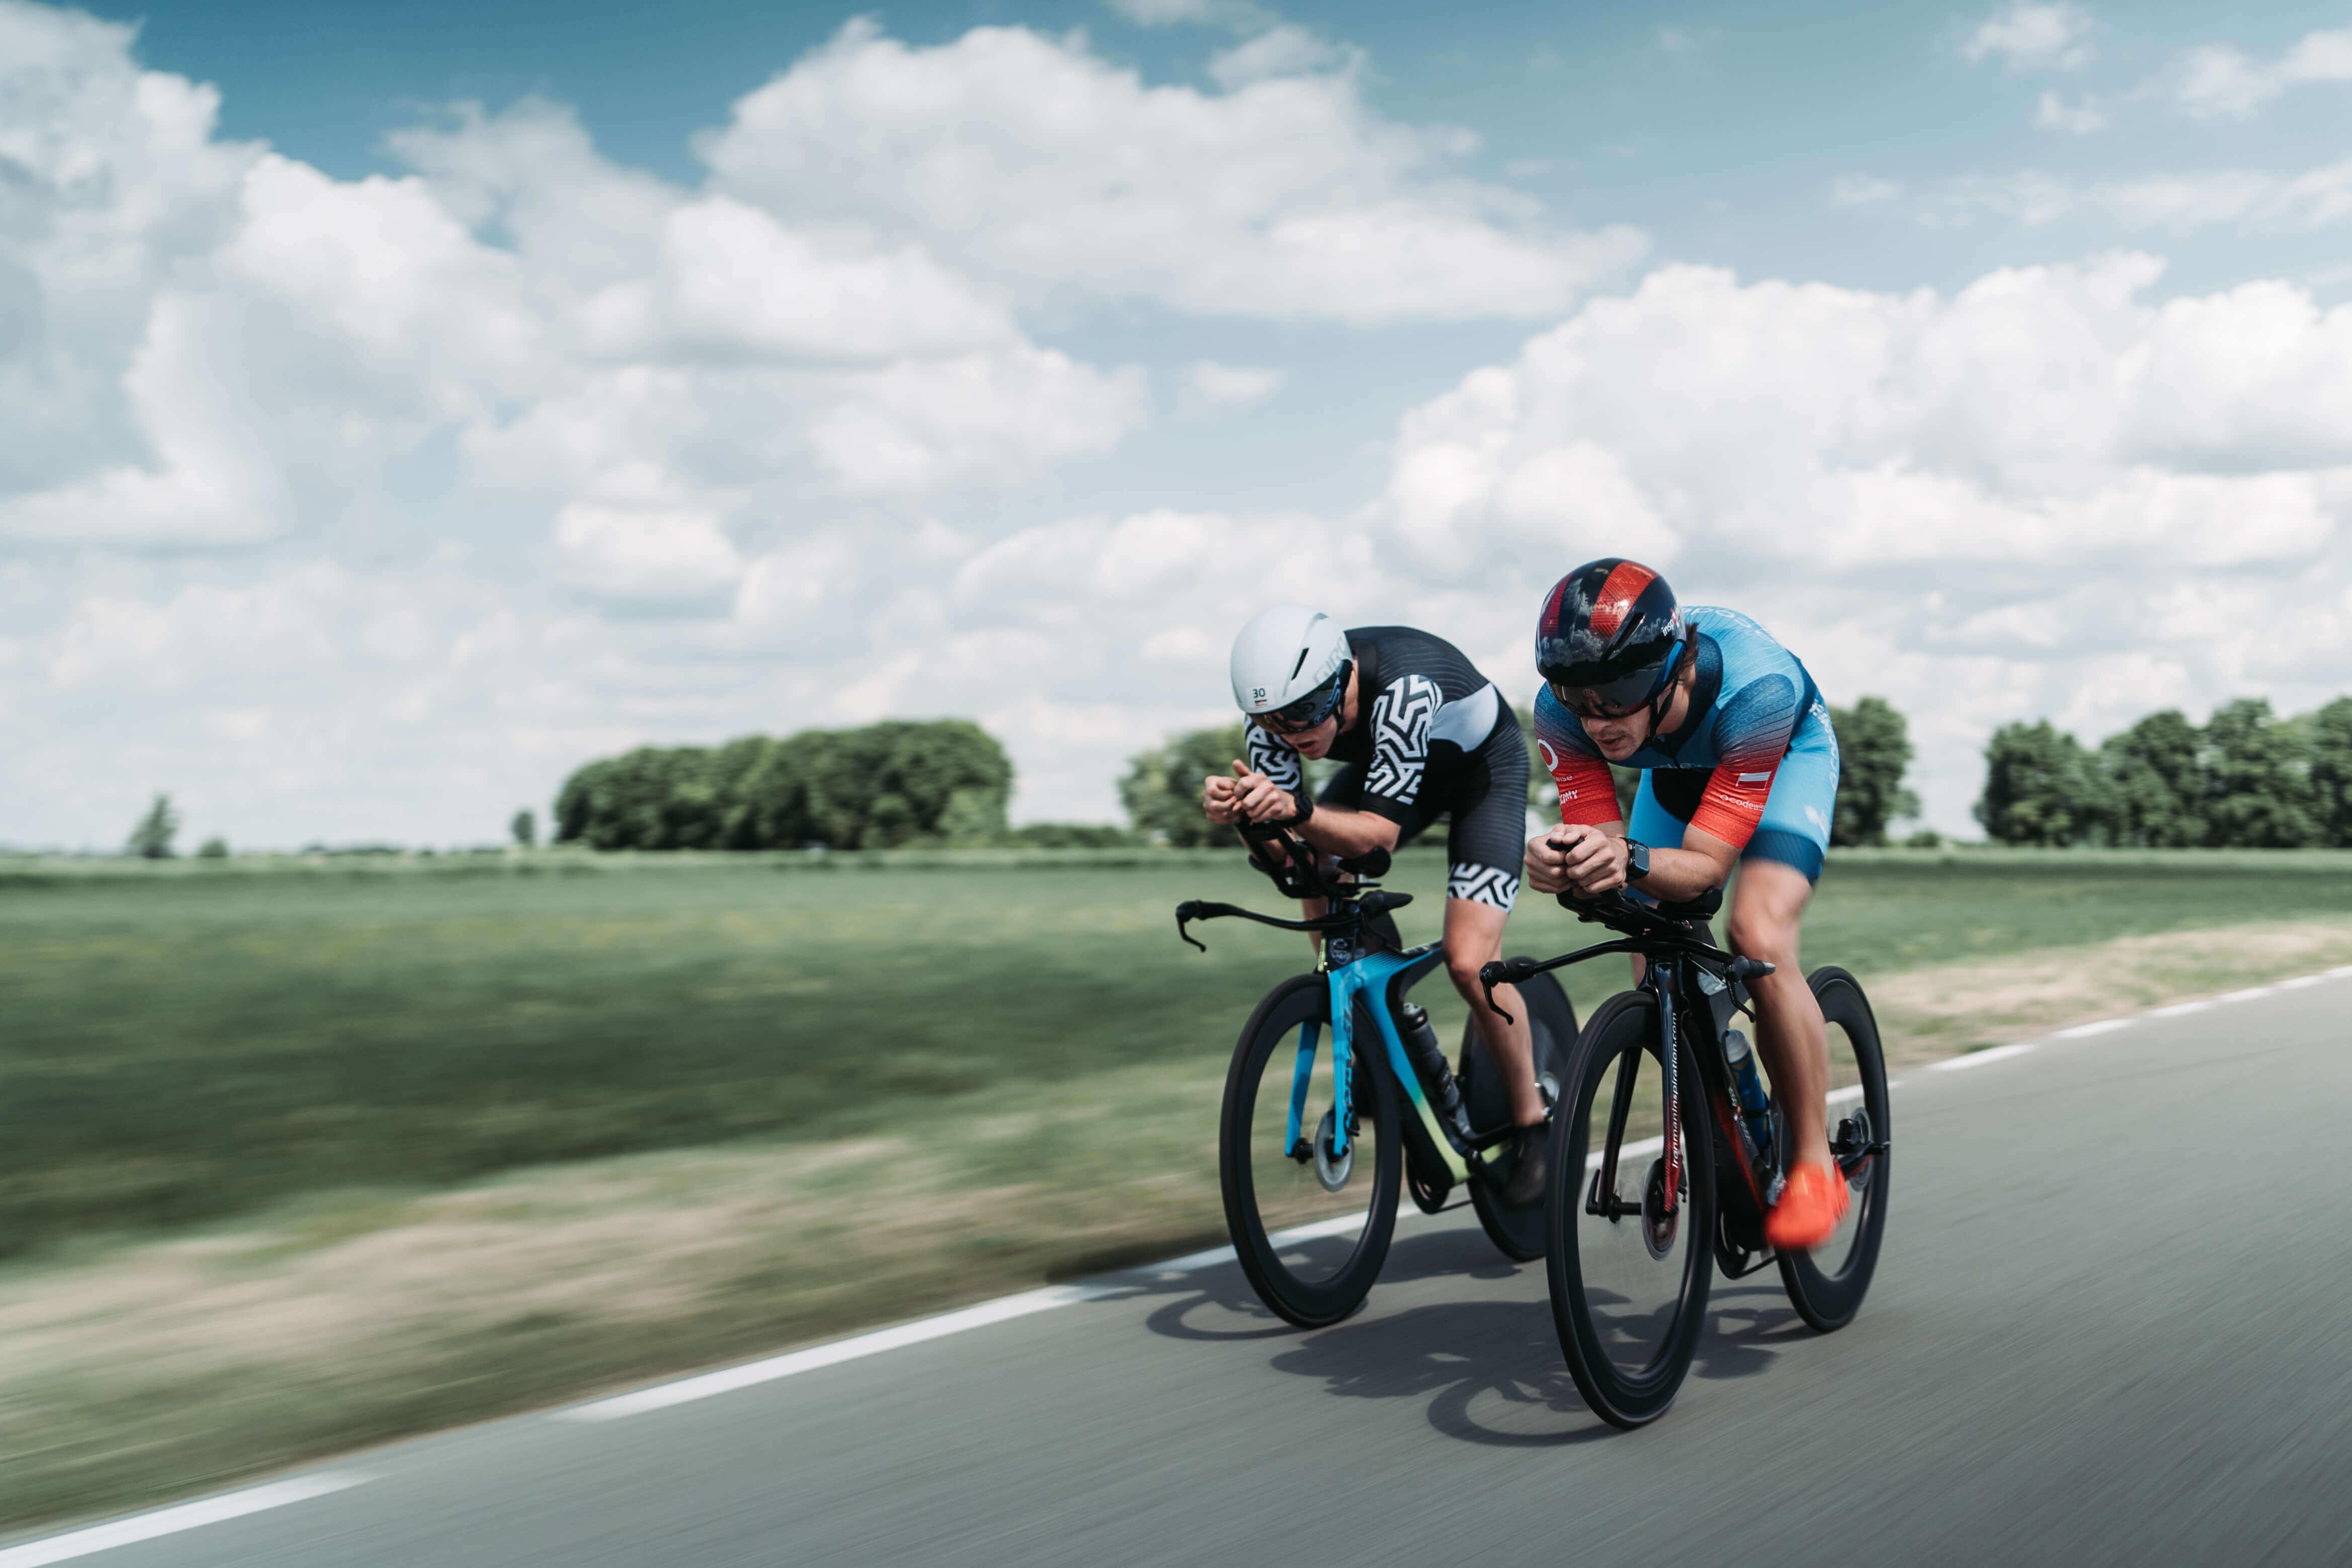 Handbuch für Triathleten:  Radfahren – die wichtigsten Tipps